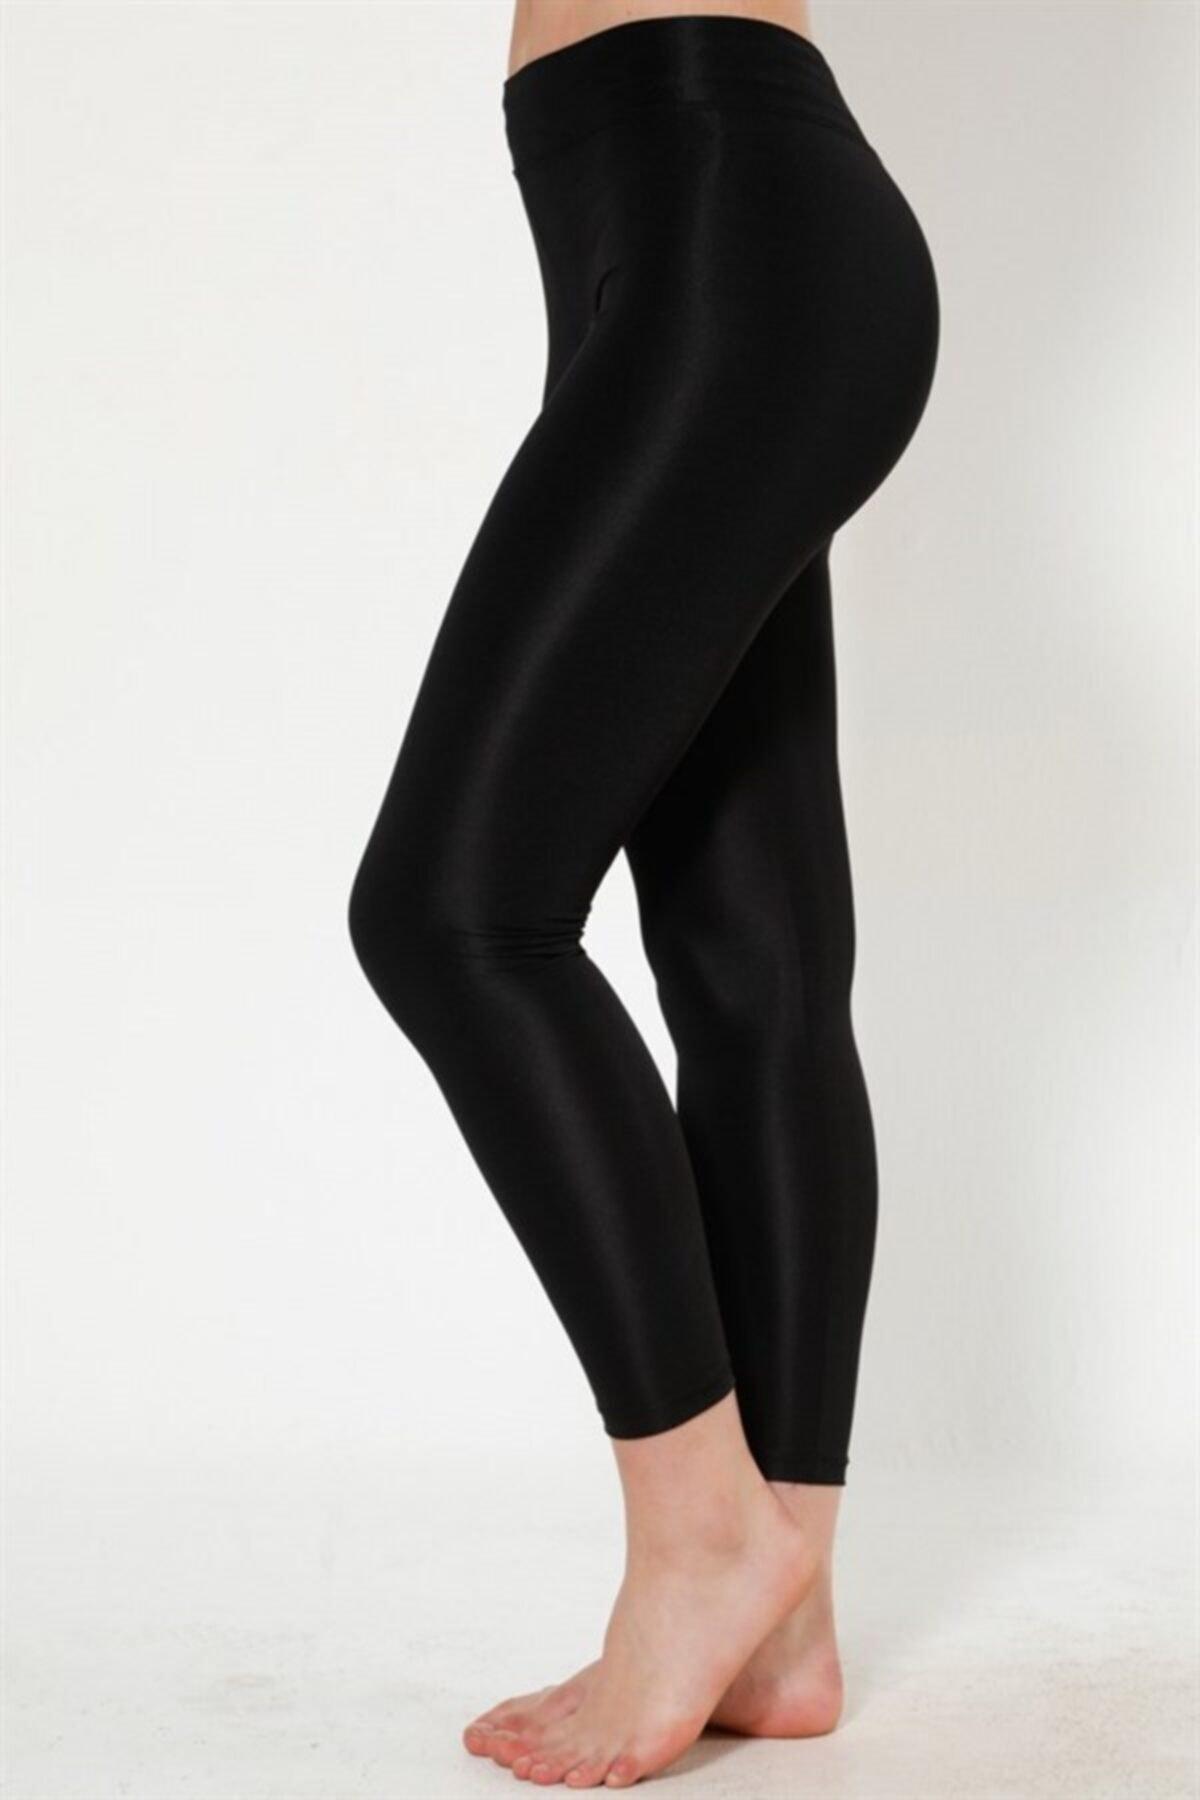 خرید پلگی لگ ورزشی زنانه پارچه نخی برند BASSKAN رنگ مشکی کد ty104127841